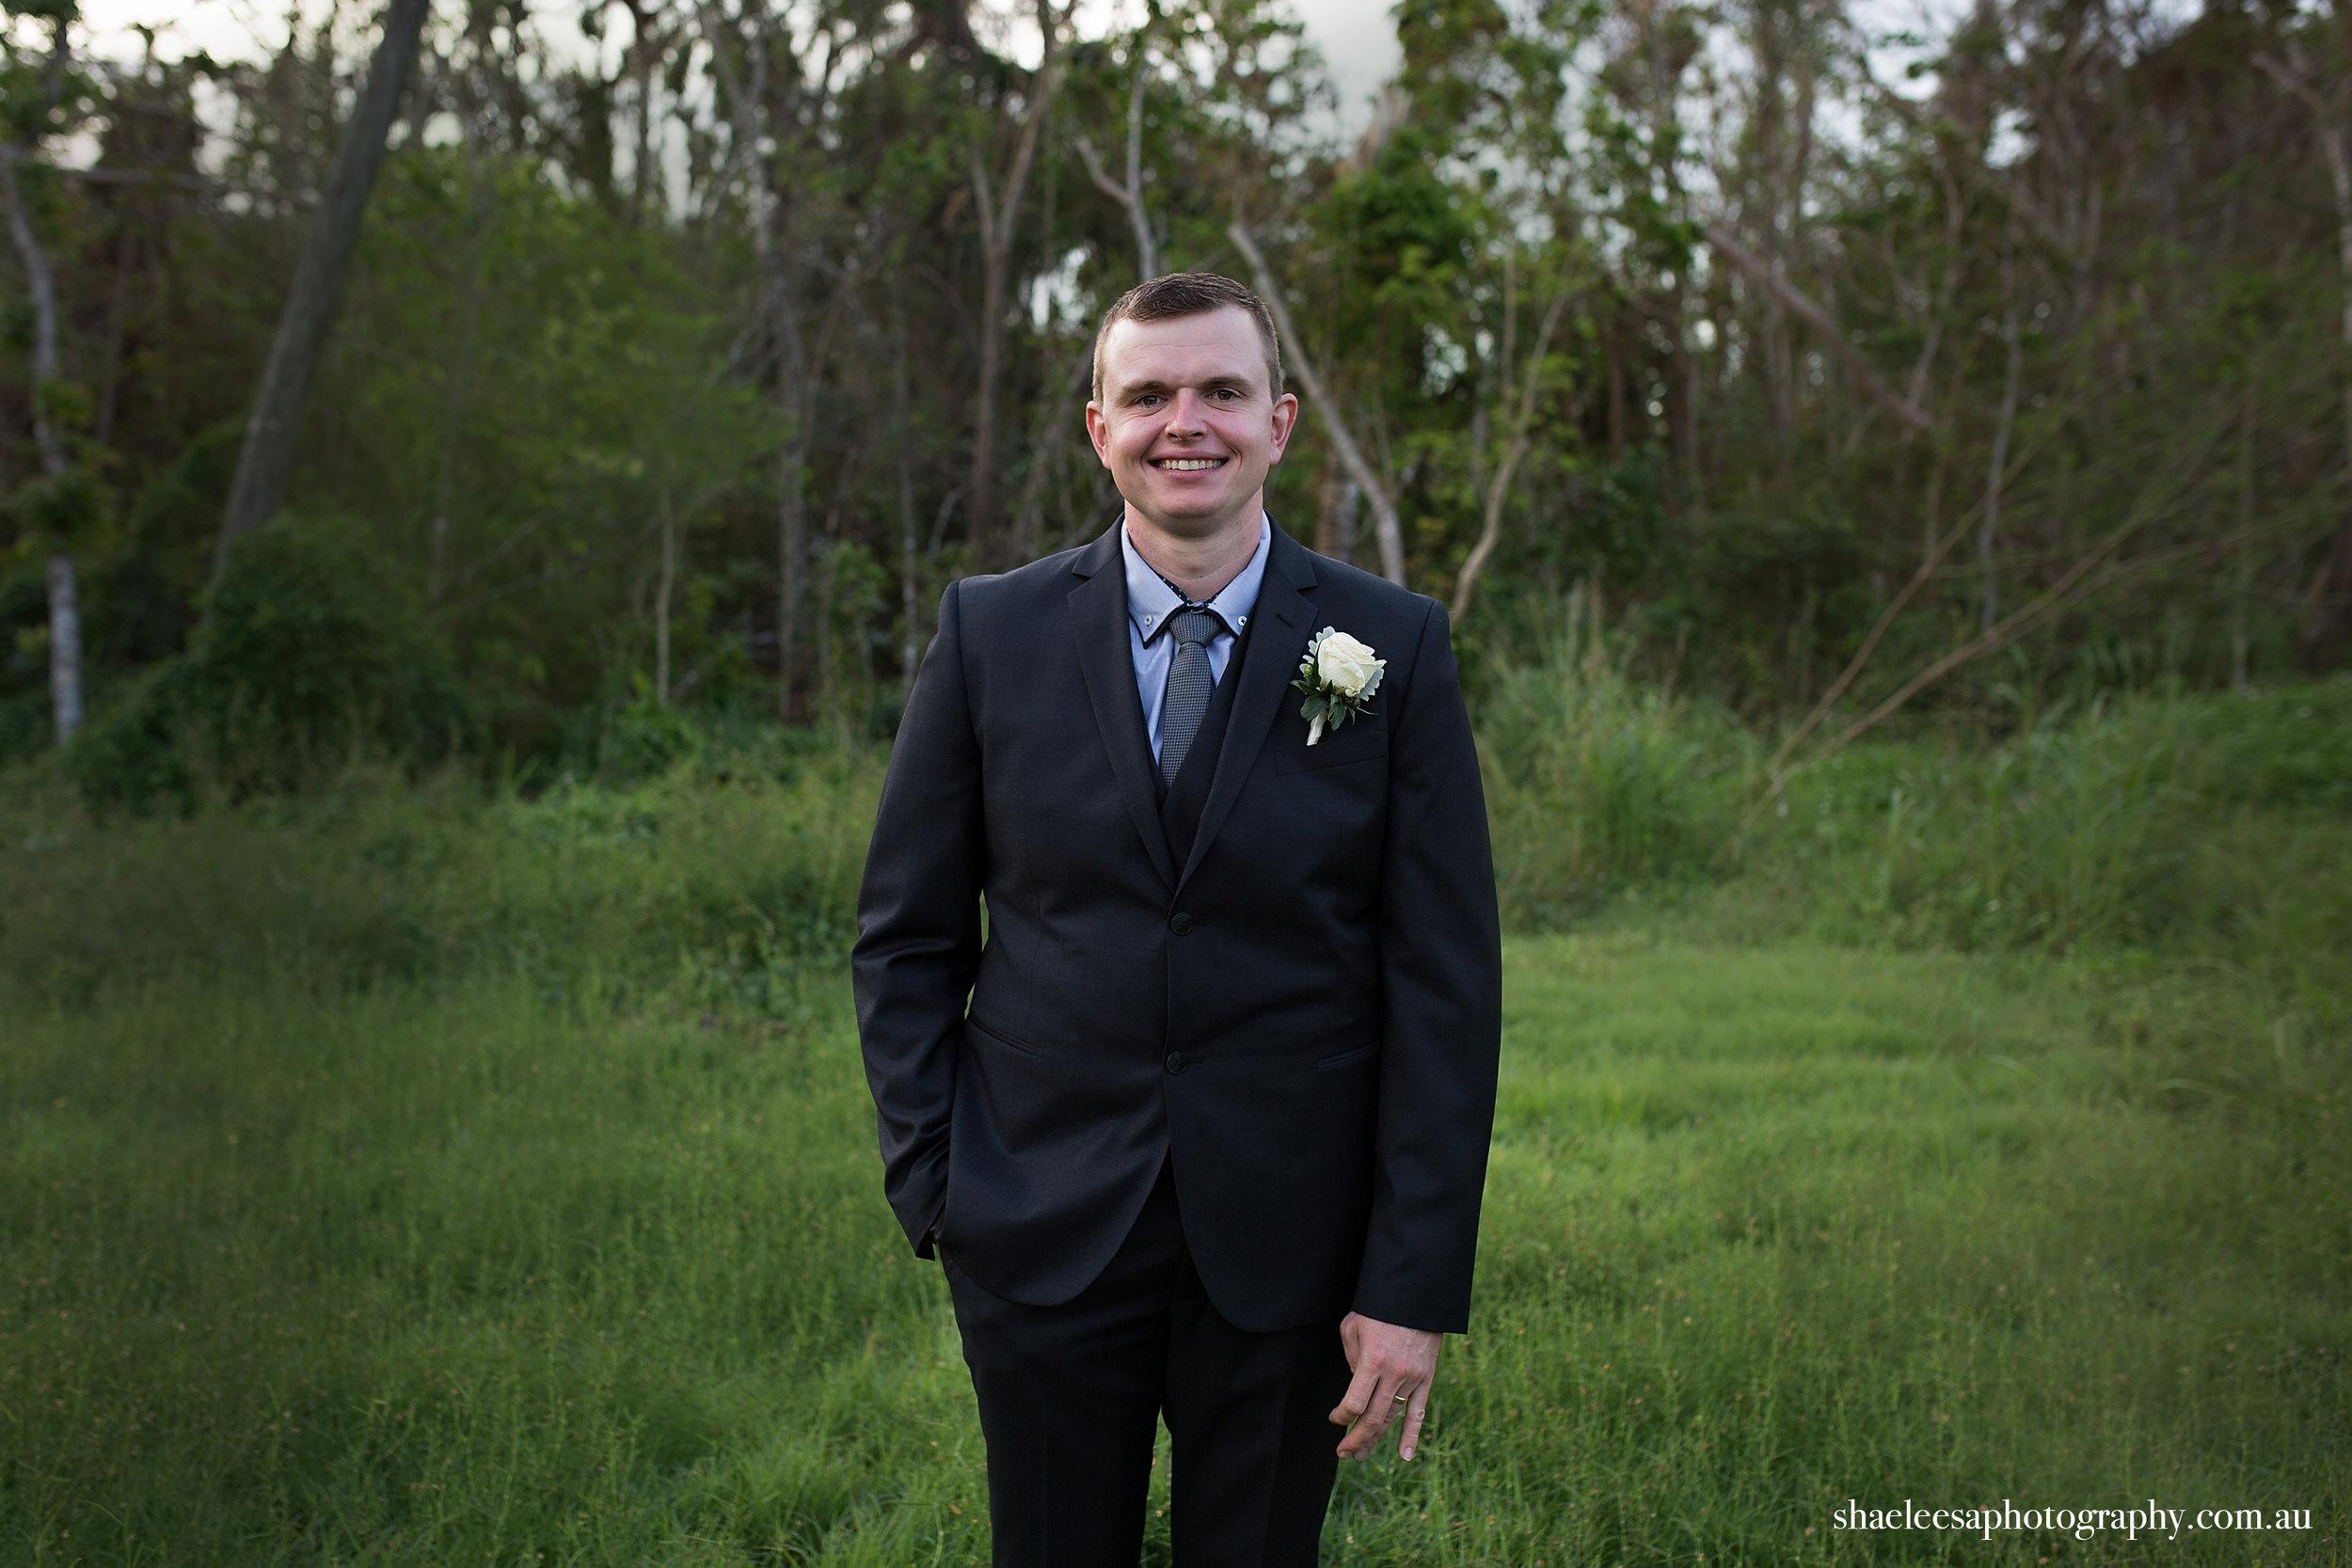 WeddingsByShae_161_McDermid2017.jpg